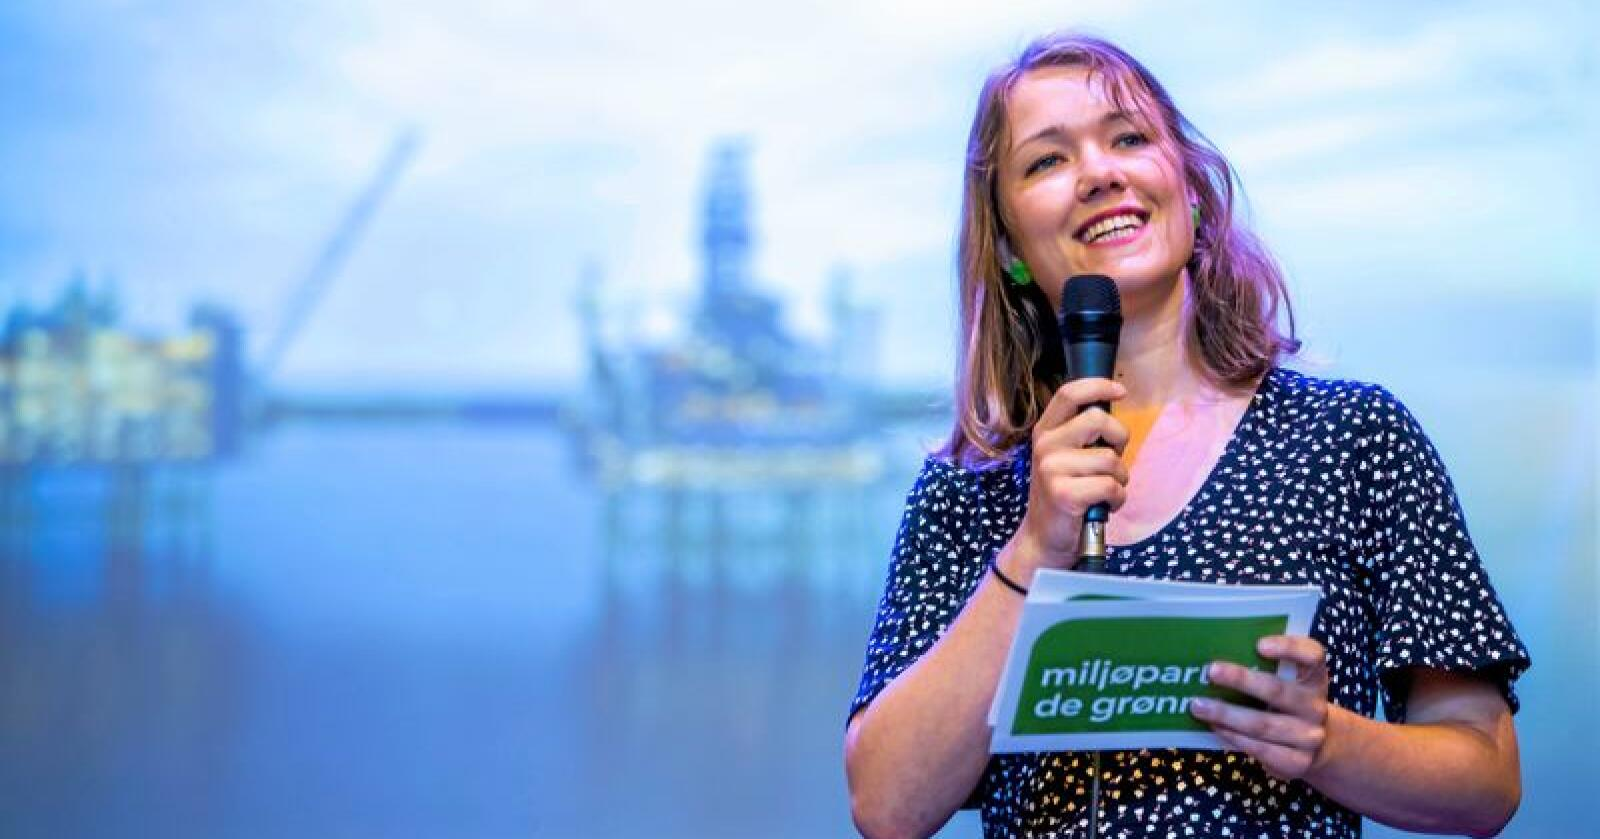 Ja til dyre flyreiser i distrikta: MDGs Une Aina Bastholm kritiserer Senterpartiet for å ville senke prisane på dyre flybillettar i distrikta. Foto: Håkon Mosvold Larsen / NTB scanpix